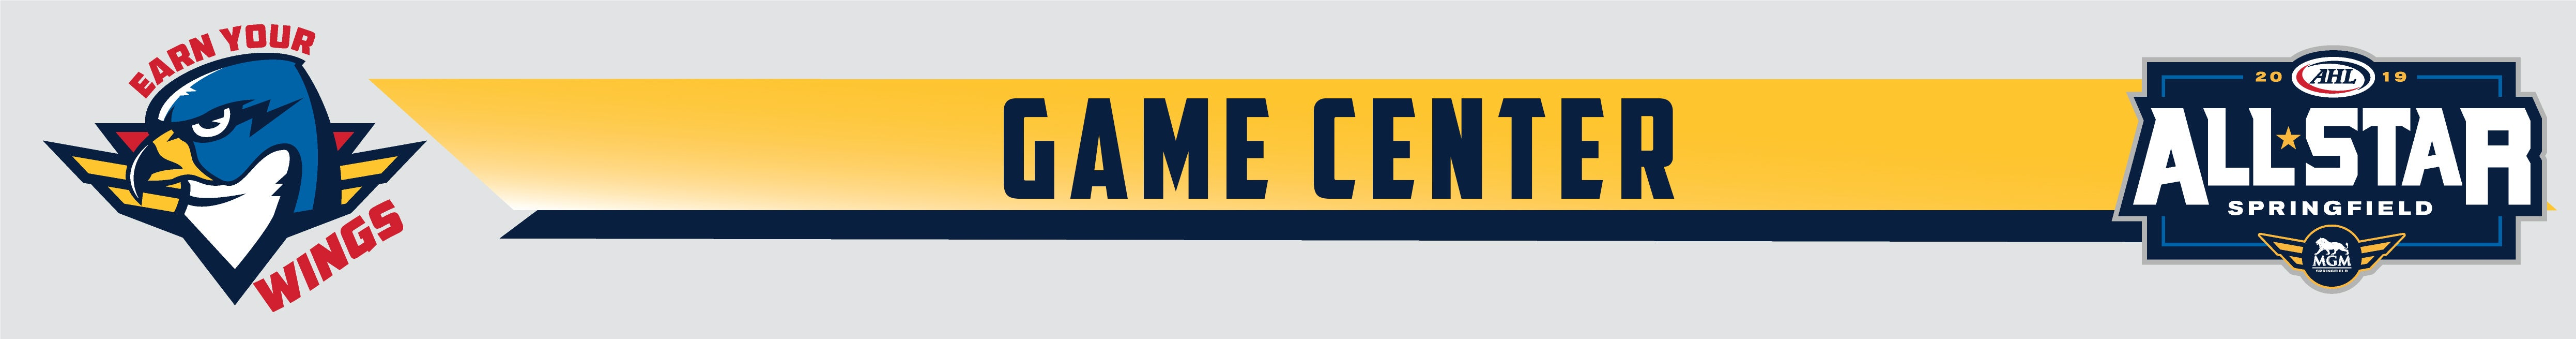 Game Center.jpg